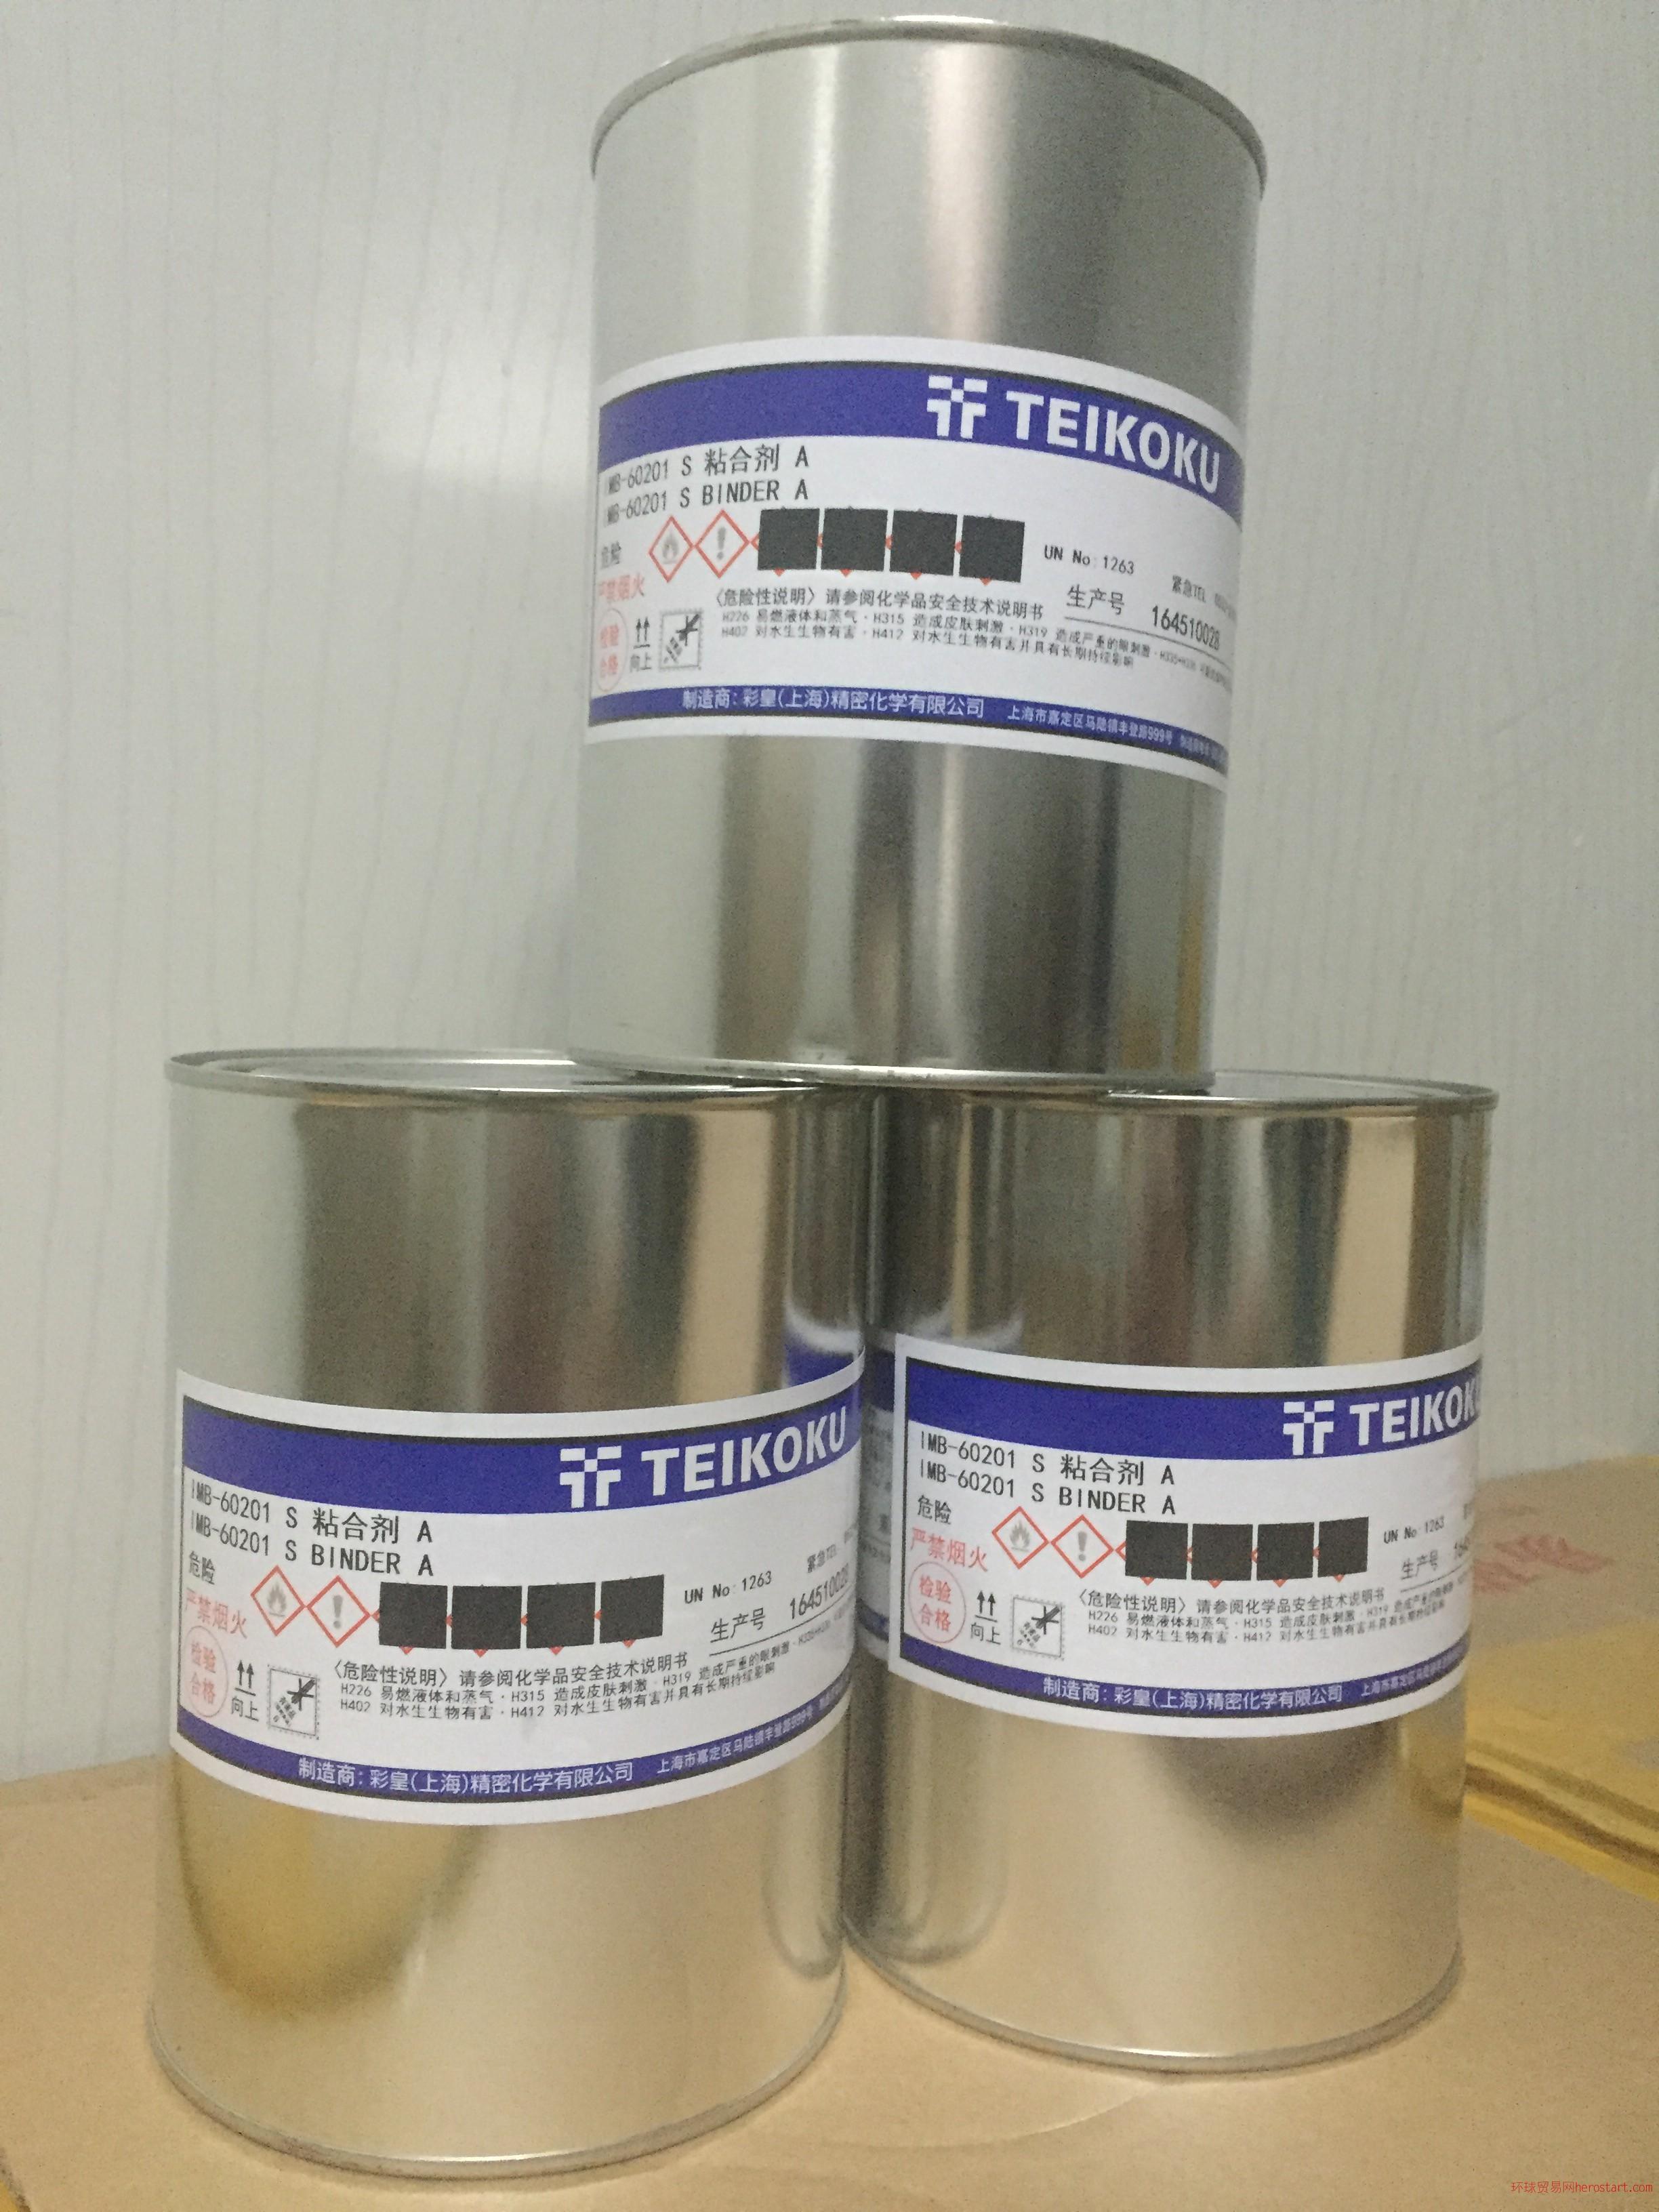 日本帝国IPX油墨 IMB-003粘合剂胶水